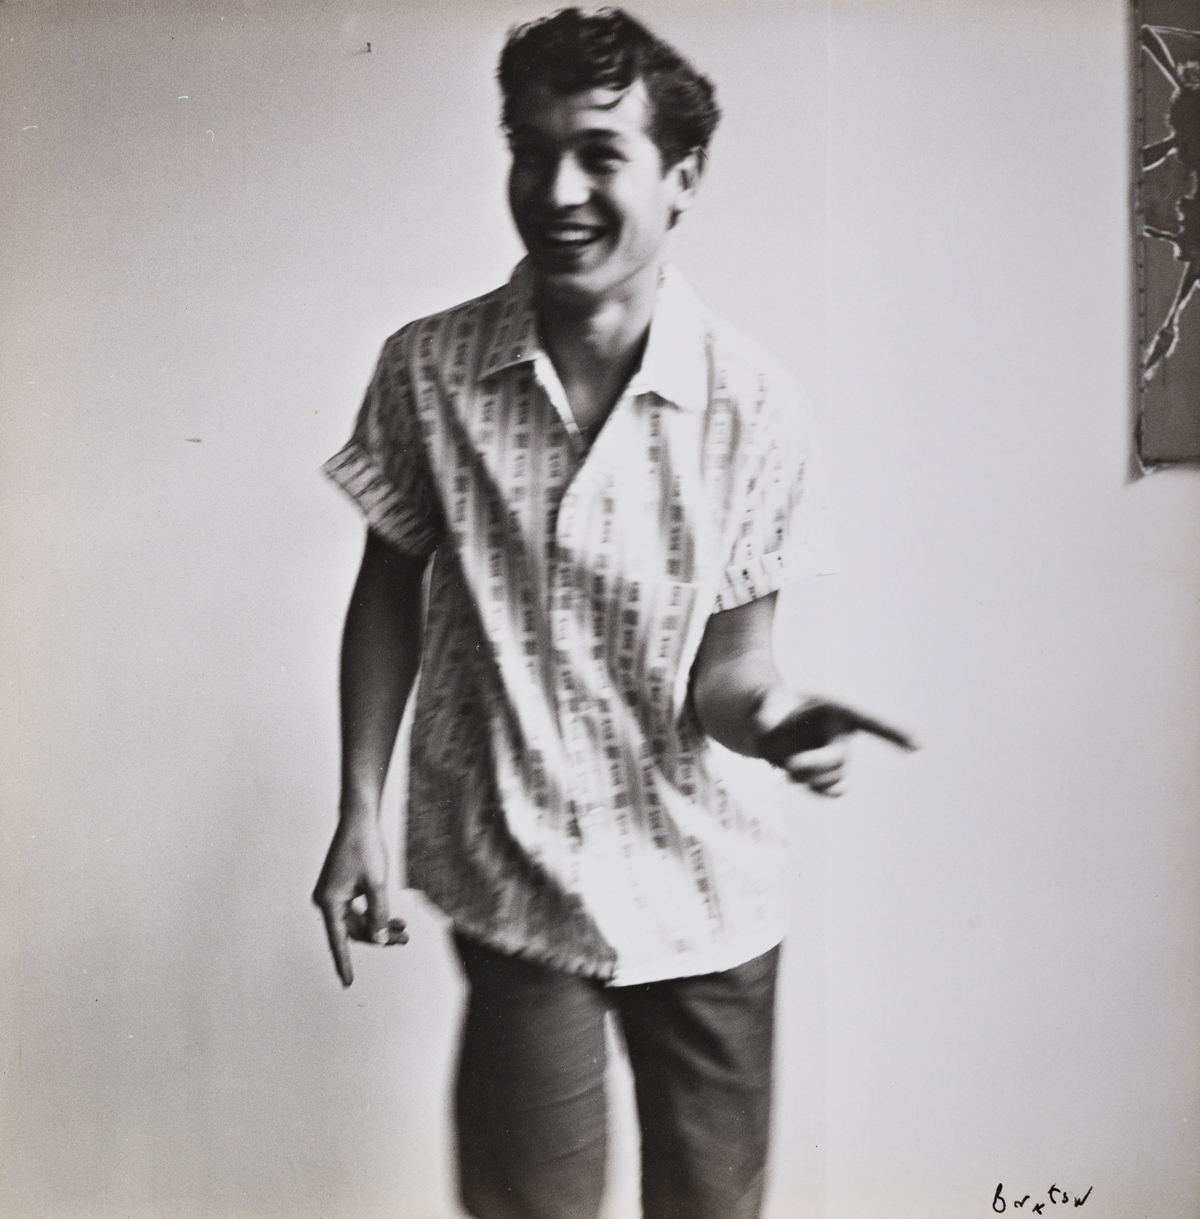 CECIL BEATON (1904-1980) & HERBERT LIST (1903-1975) A trio of photographs of Andrea Tagliabue.